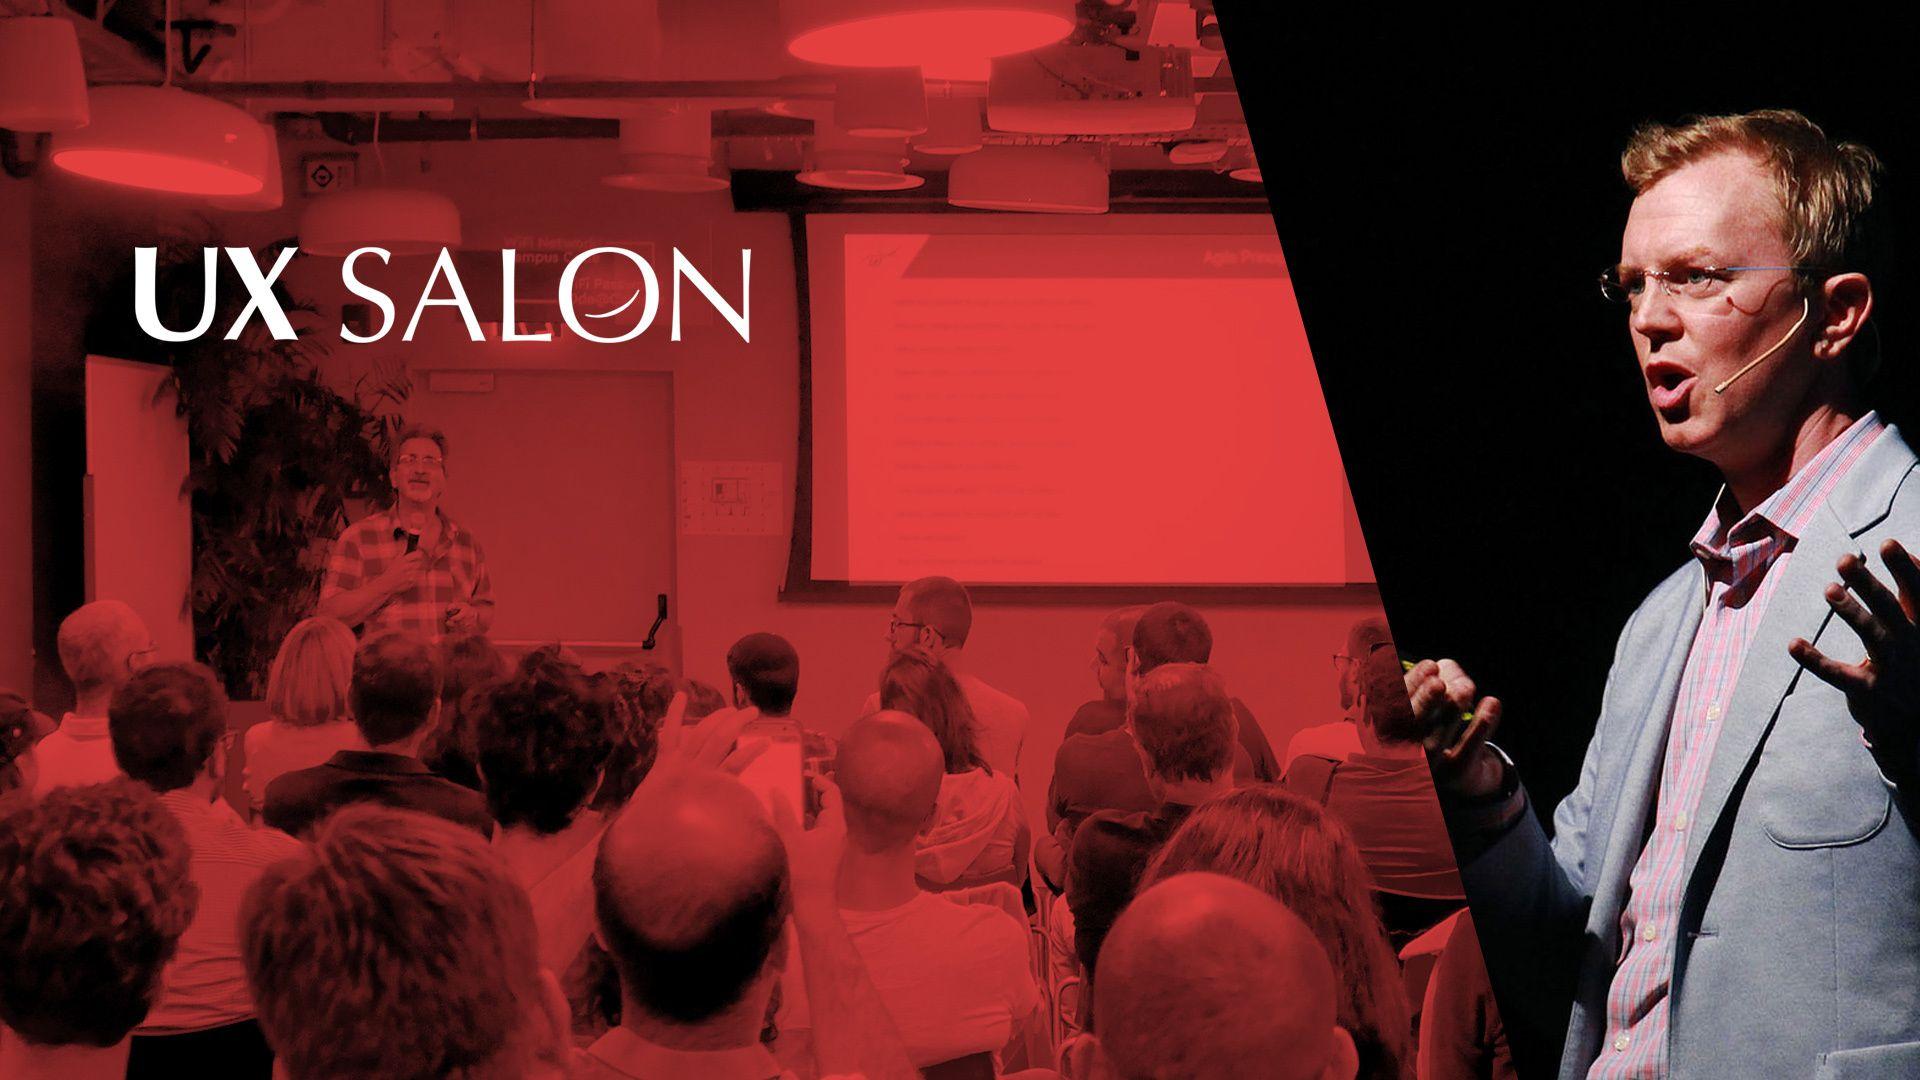 UX Salon - TLV